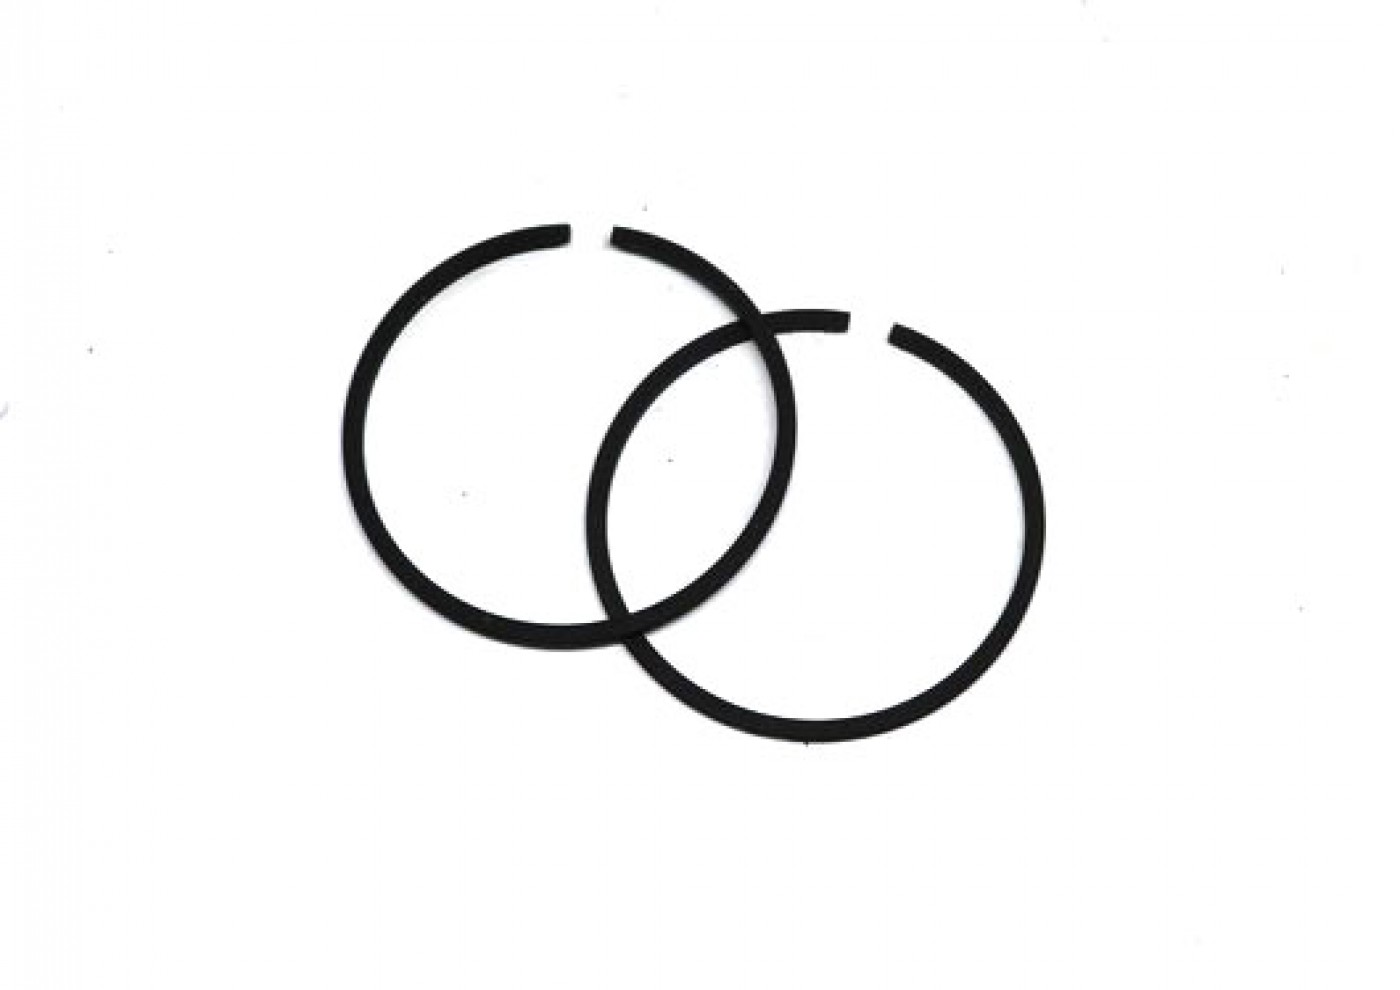 Sada pístních kroužků Stihl MS381